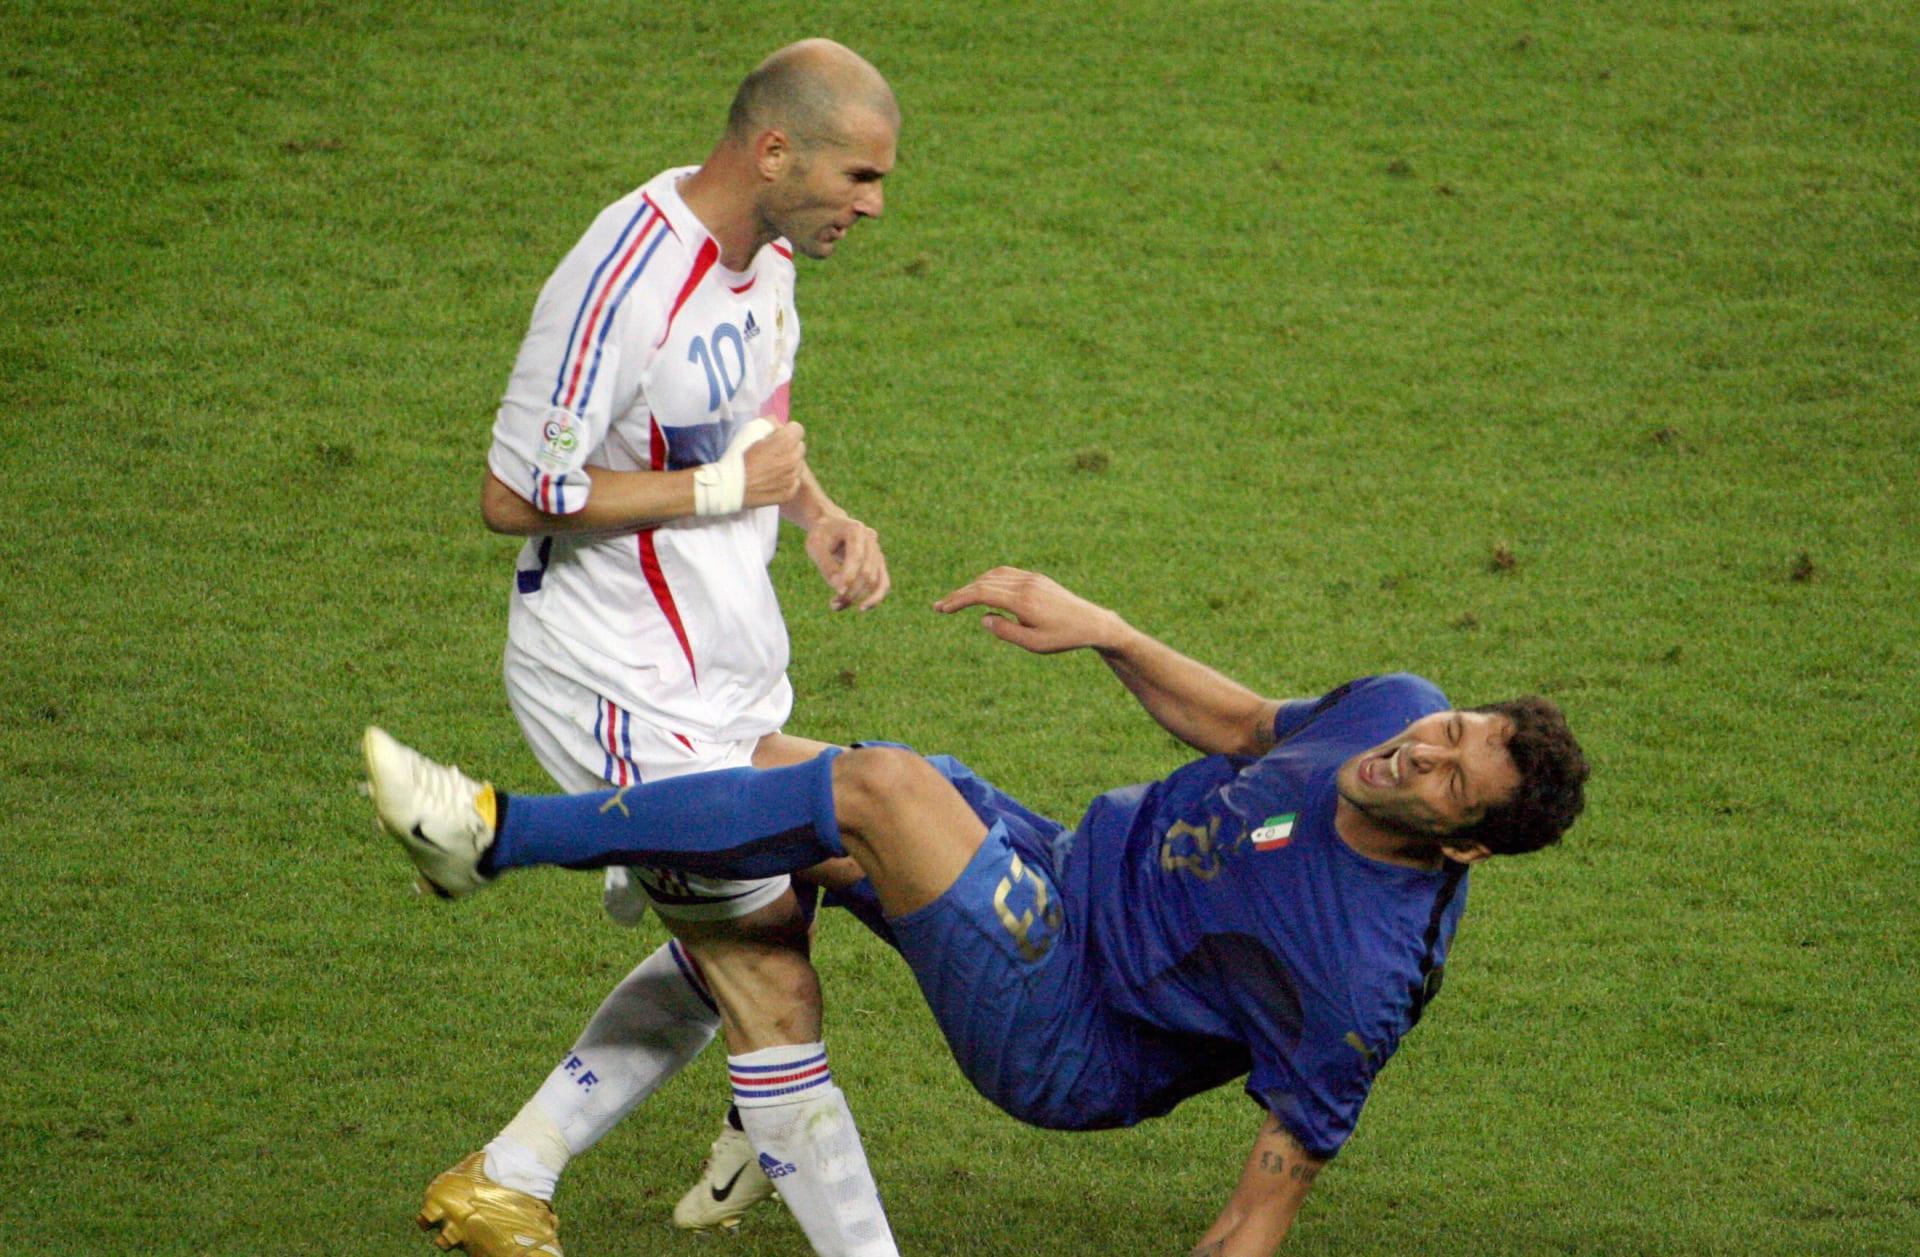 """حكاية مونديال 2006: زيدان ينهي مسيرته بـ""""نطحة"""" ومعركة كروية بين البرتغال وهولندا"""